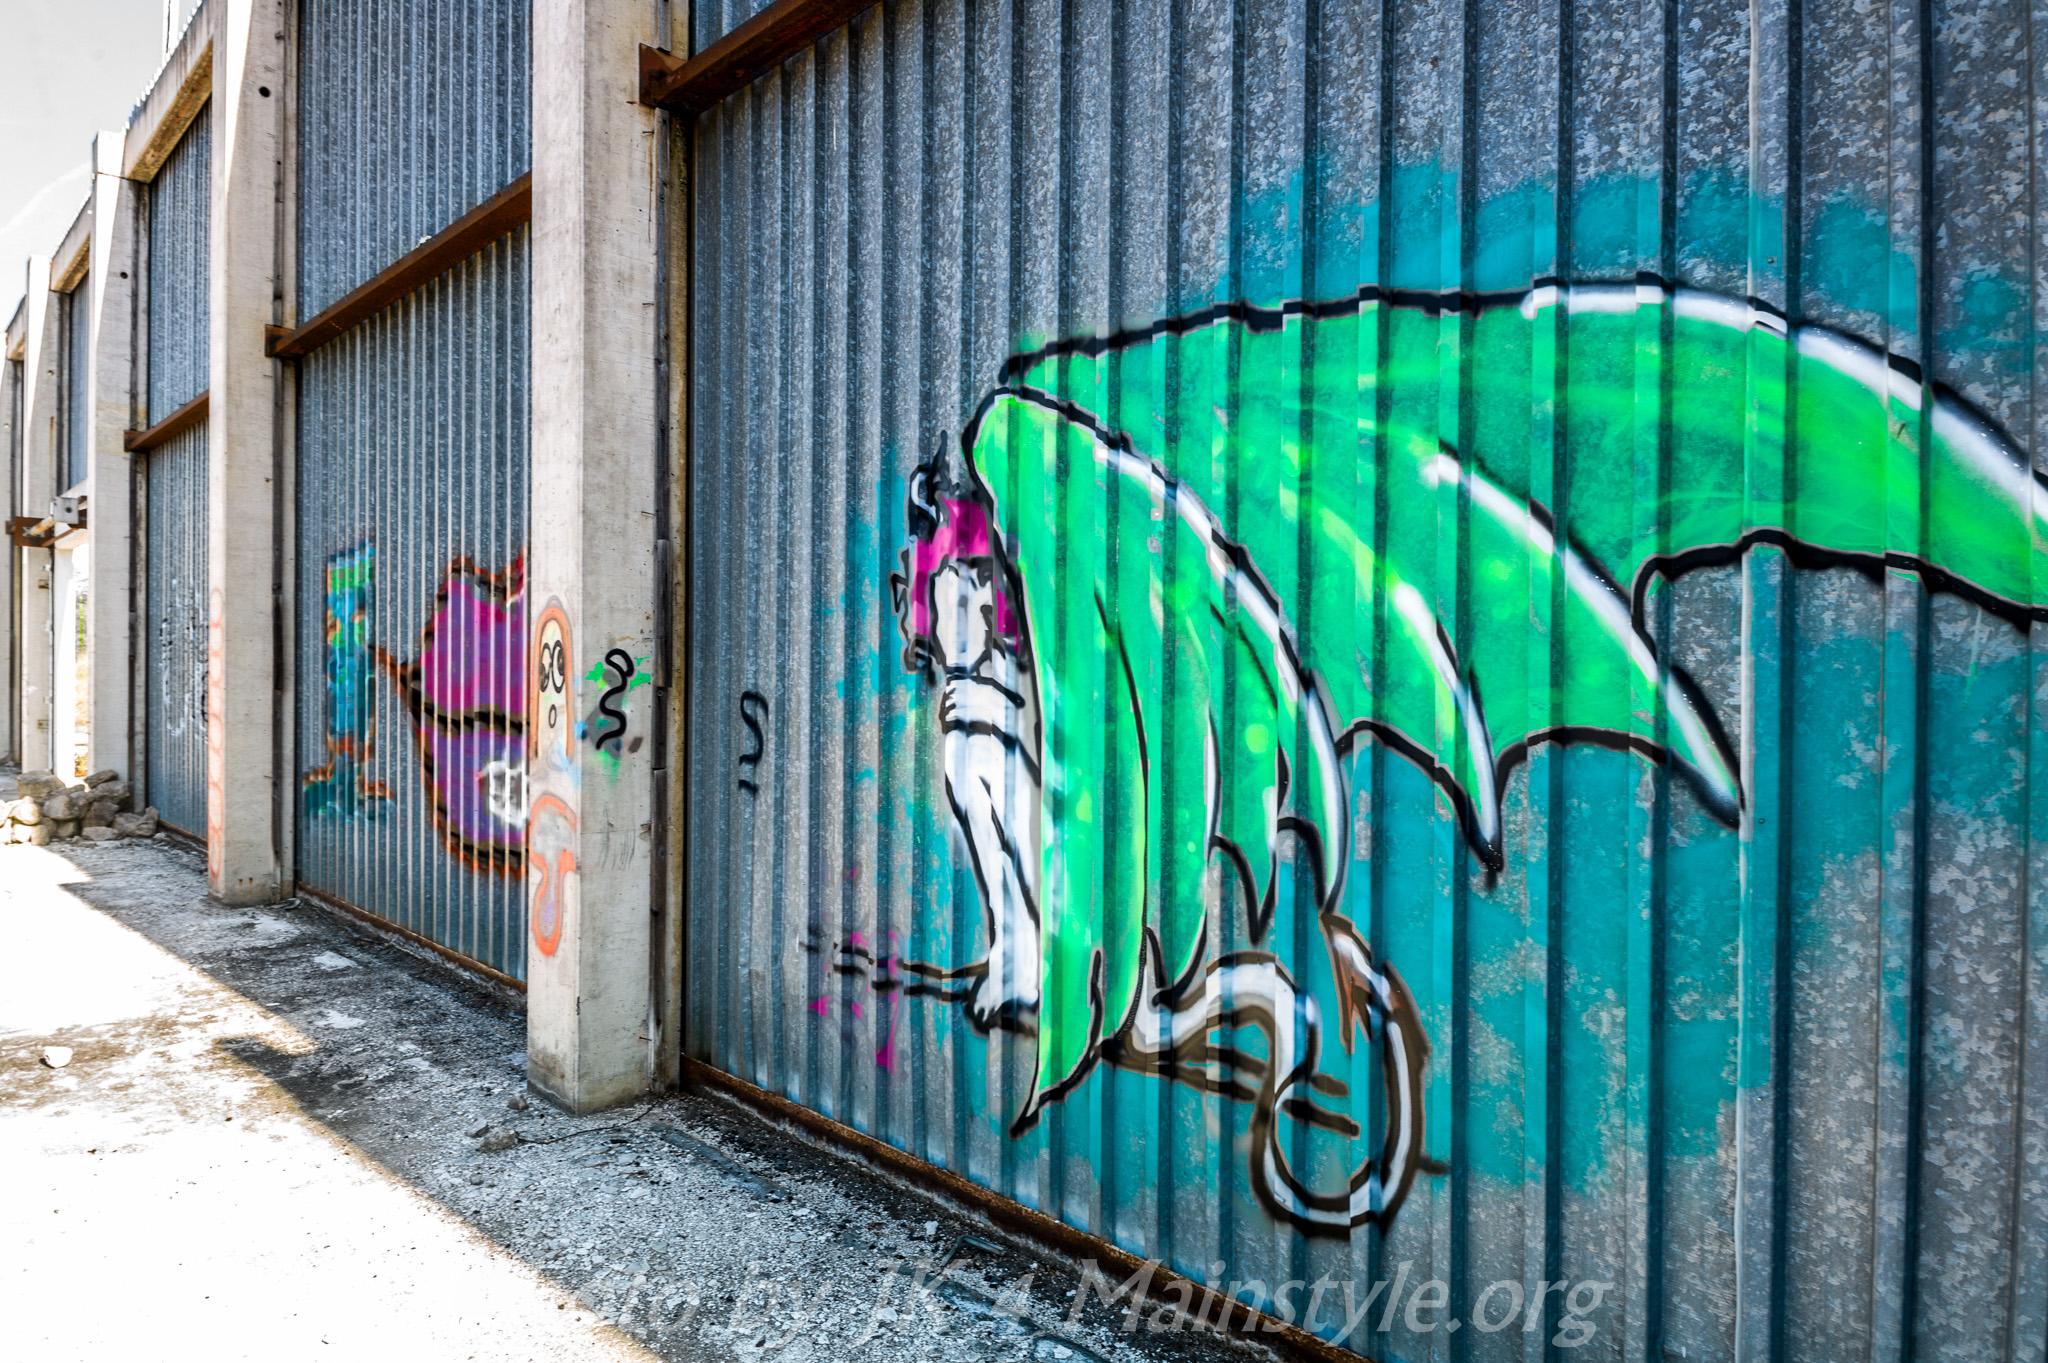 Hanau Möbel hanau graffiti special möbel erbe wohnwelt 2000 mainstyle frankfurt